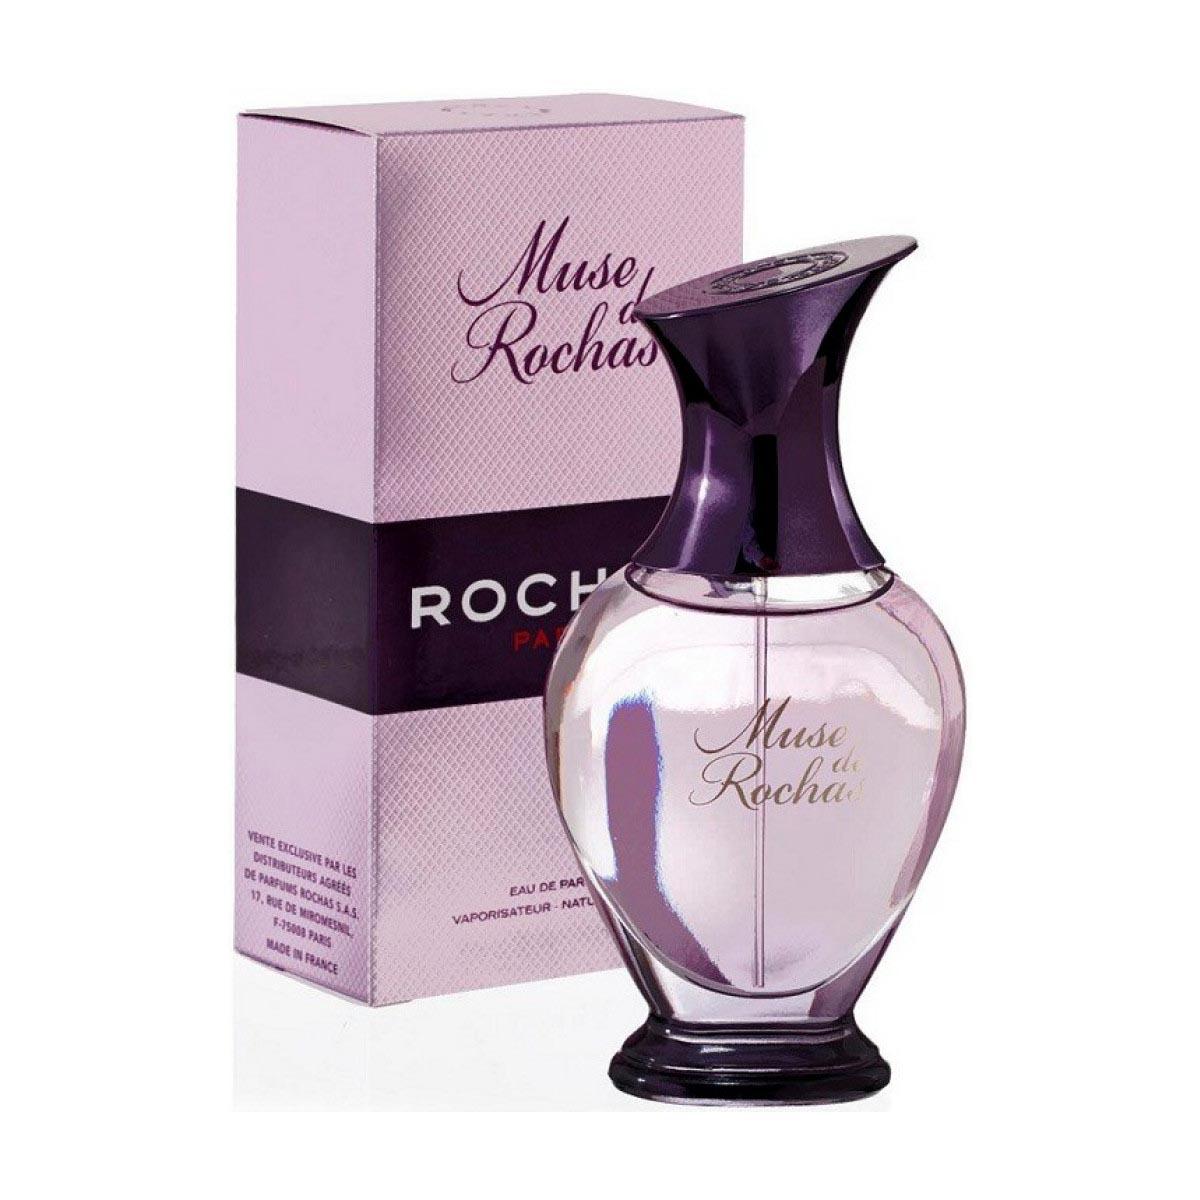 Rochas muse de rochas eau de parfum 100ml vaporizador